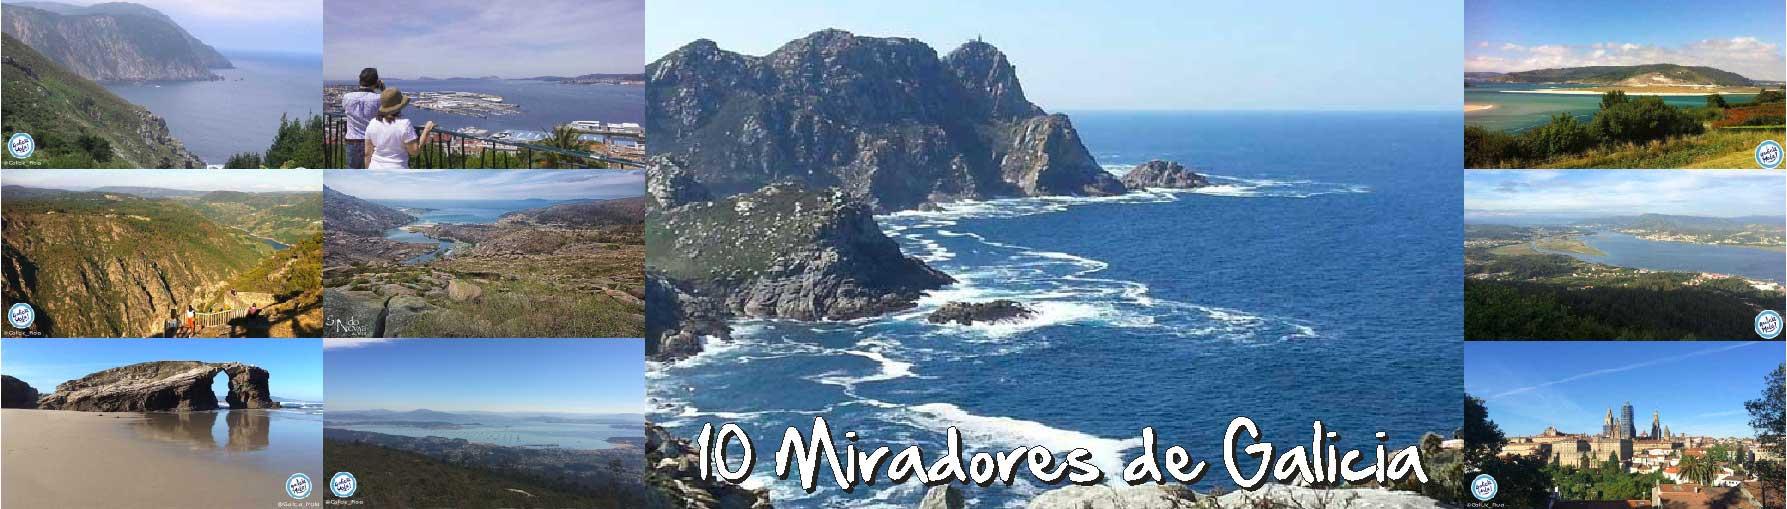 10 mejores vistas de galicia miradores de galicia blog - Donde alojarse en galicia ...